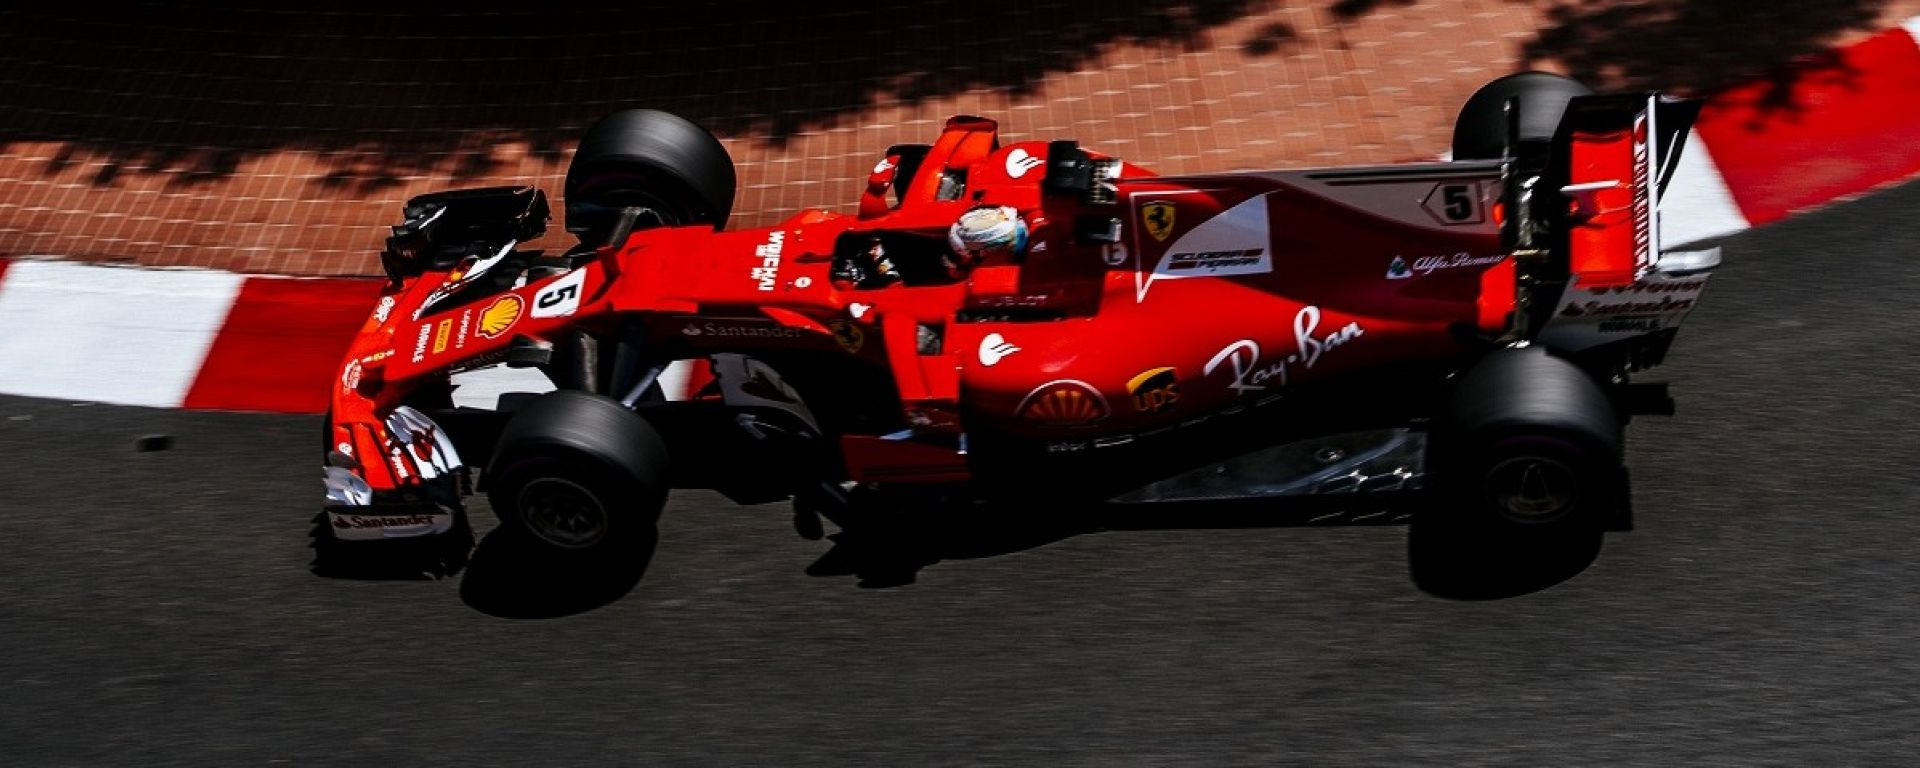 F1 Monaco 2018